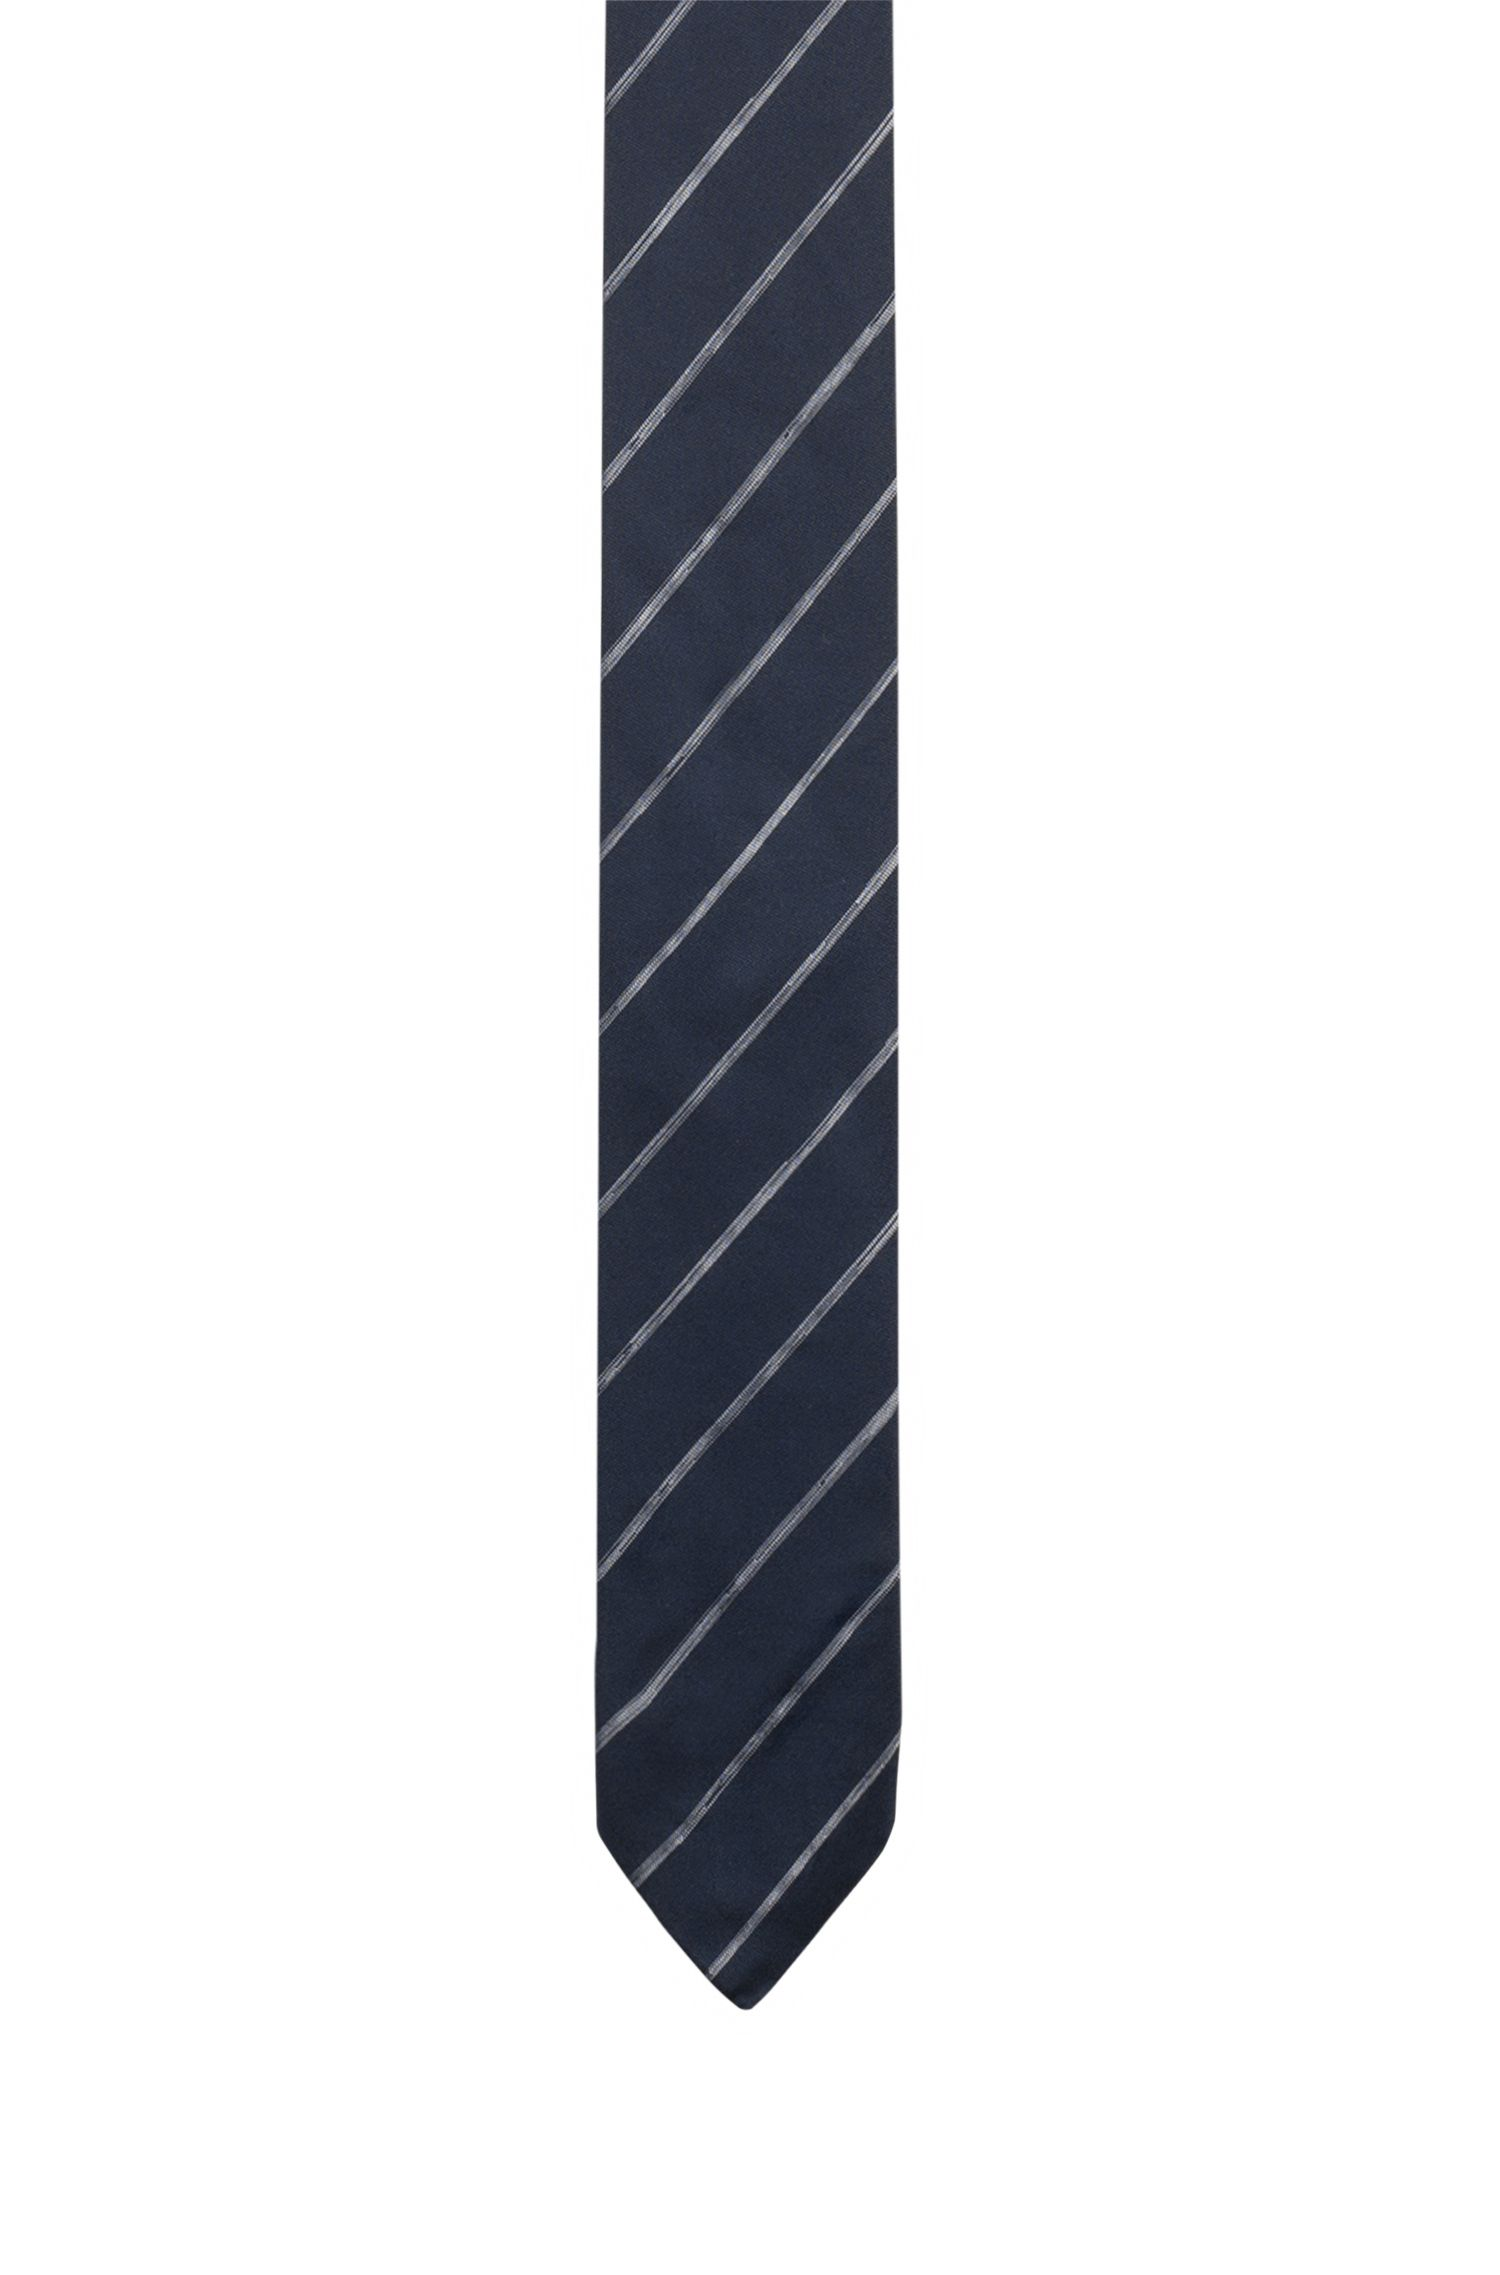 Cravate en jacquard de soie à rayures en diagonale délavées, Bleu foncé